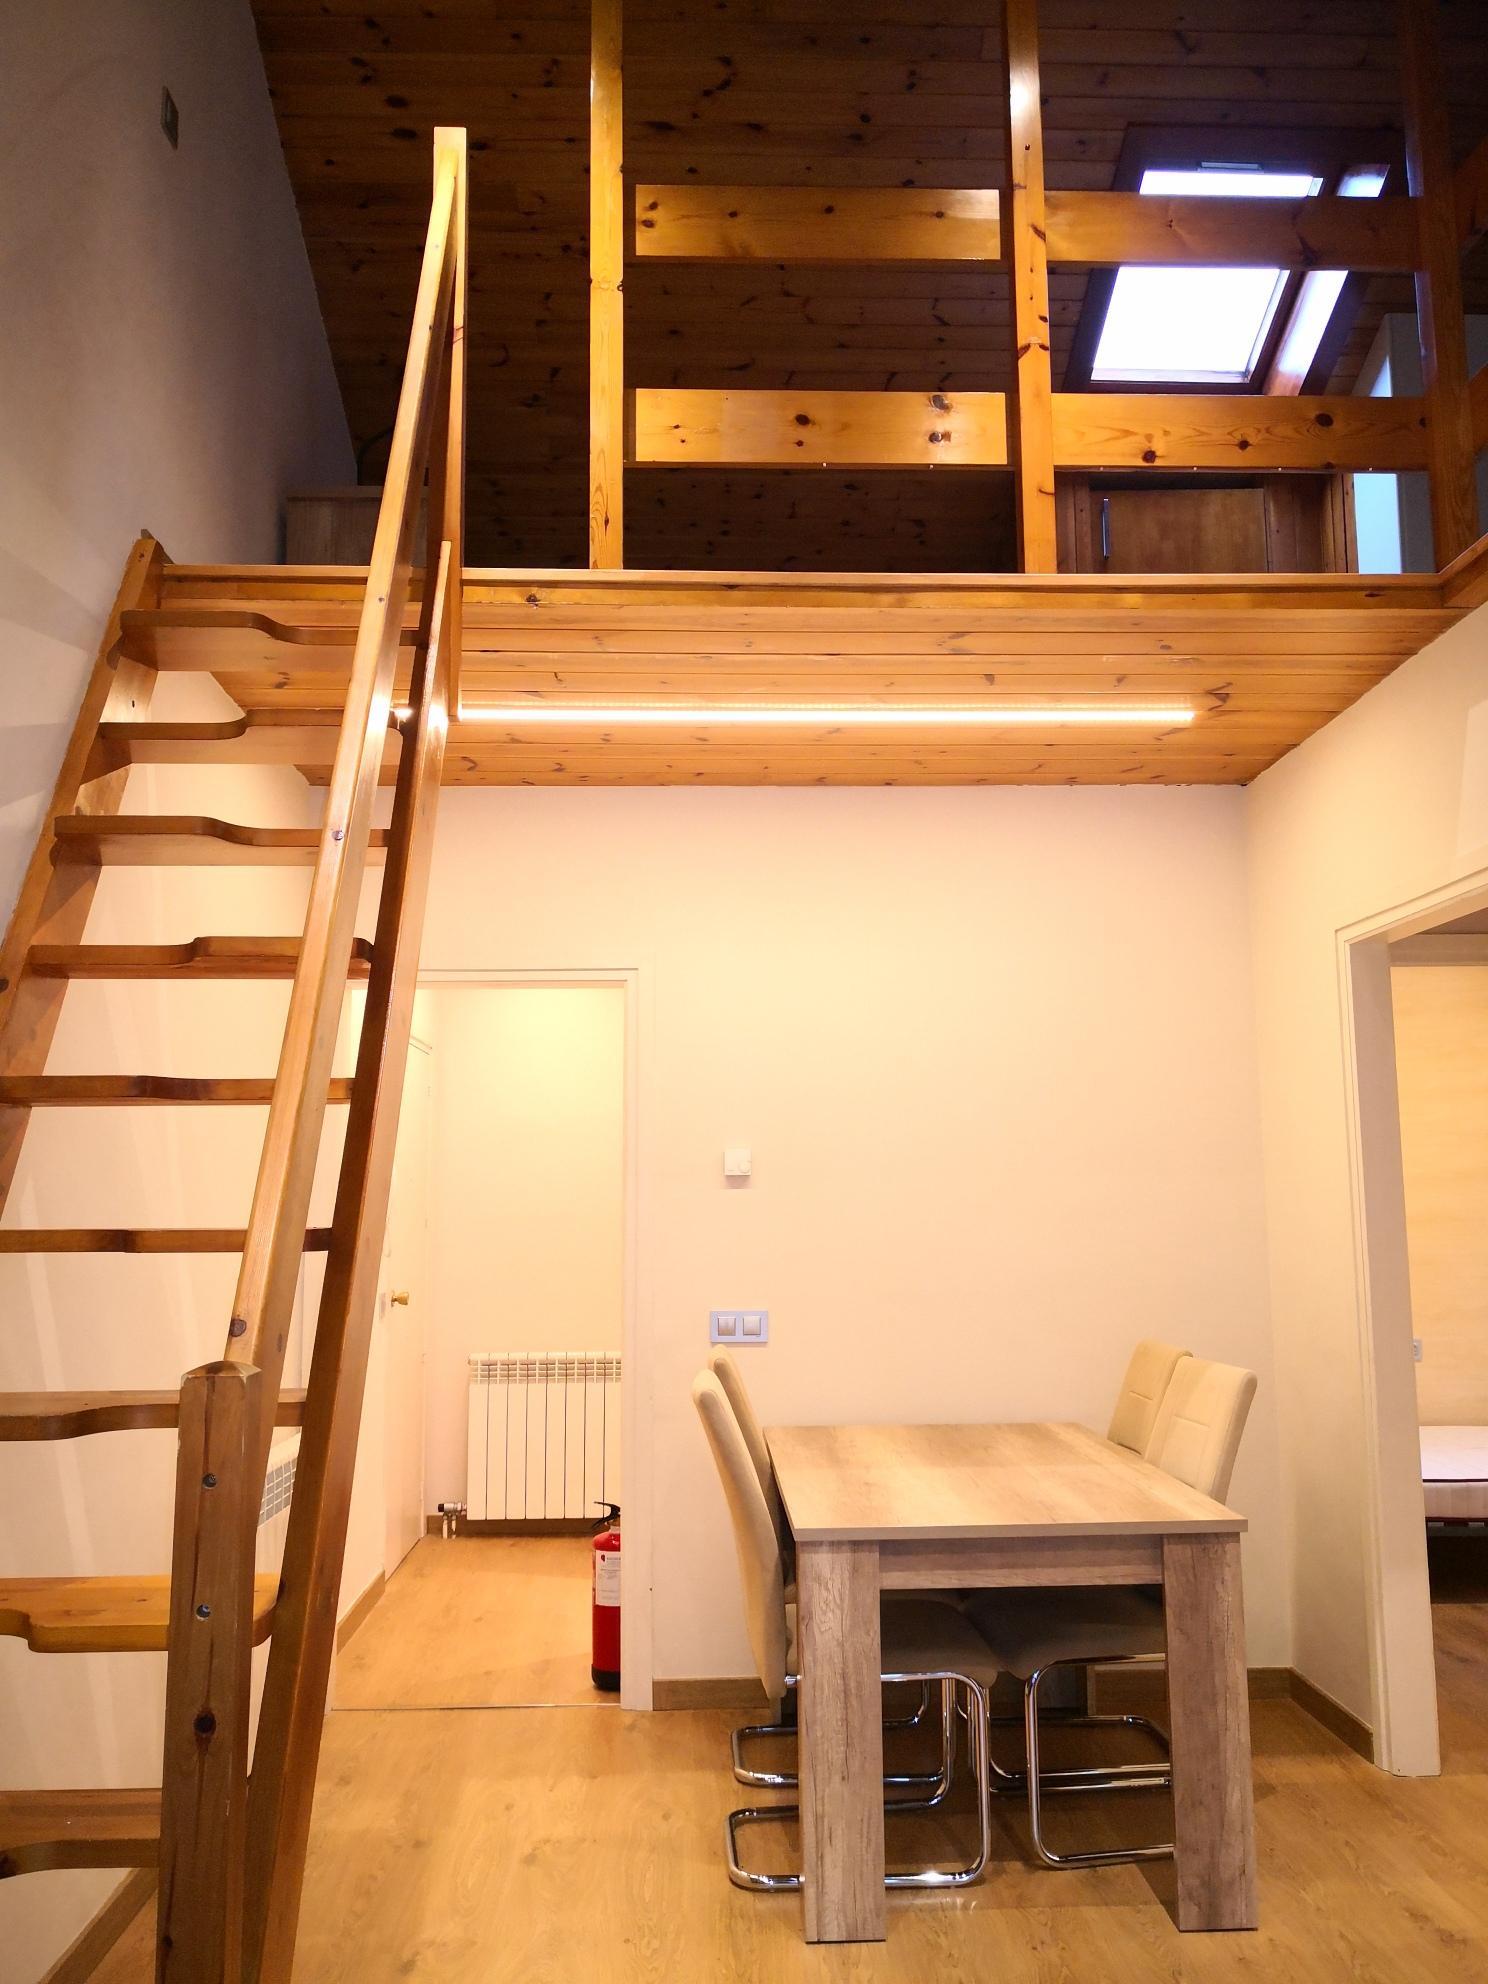 Àtic de lloguer a Ordino, 3 habitacions, 90 metres